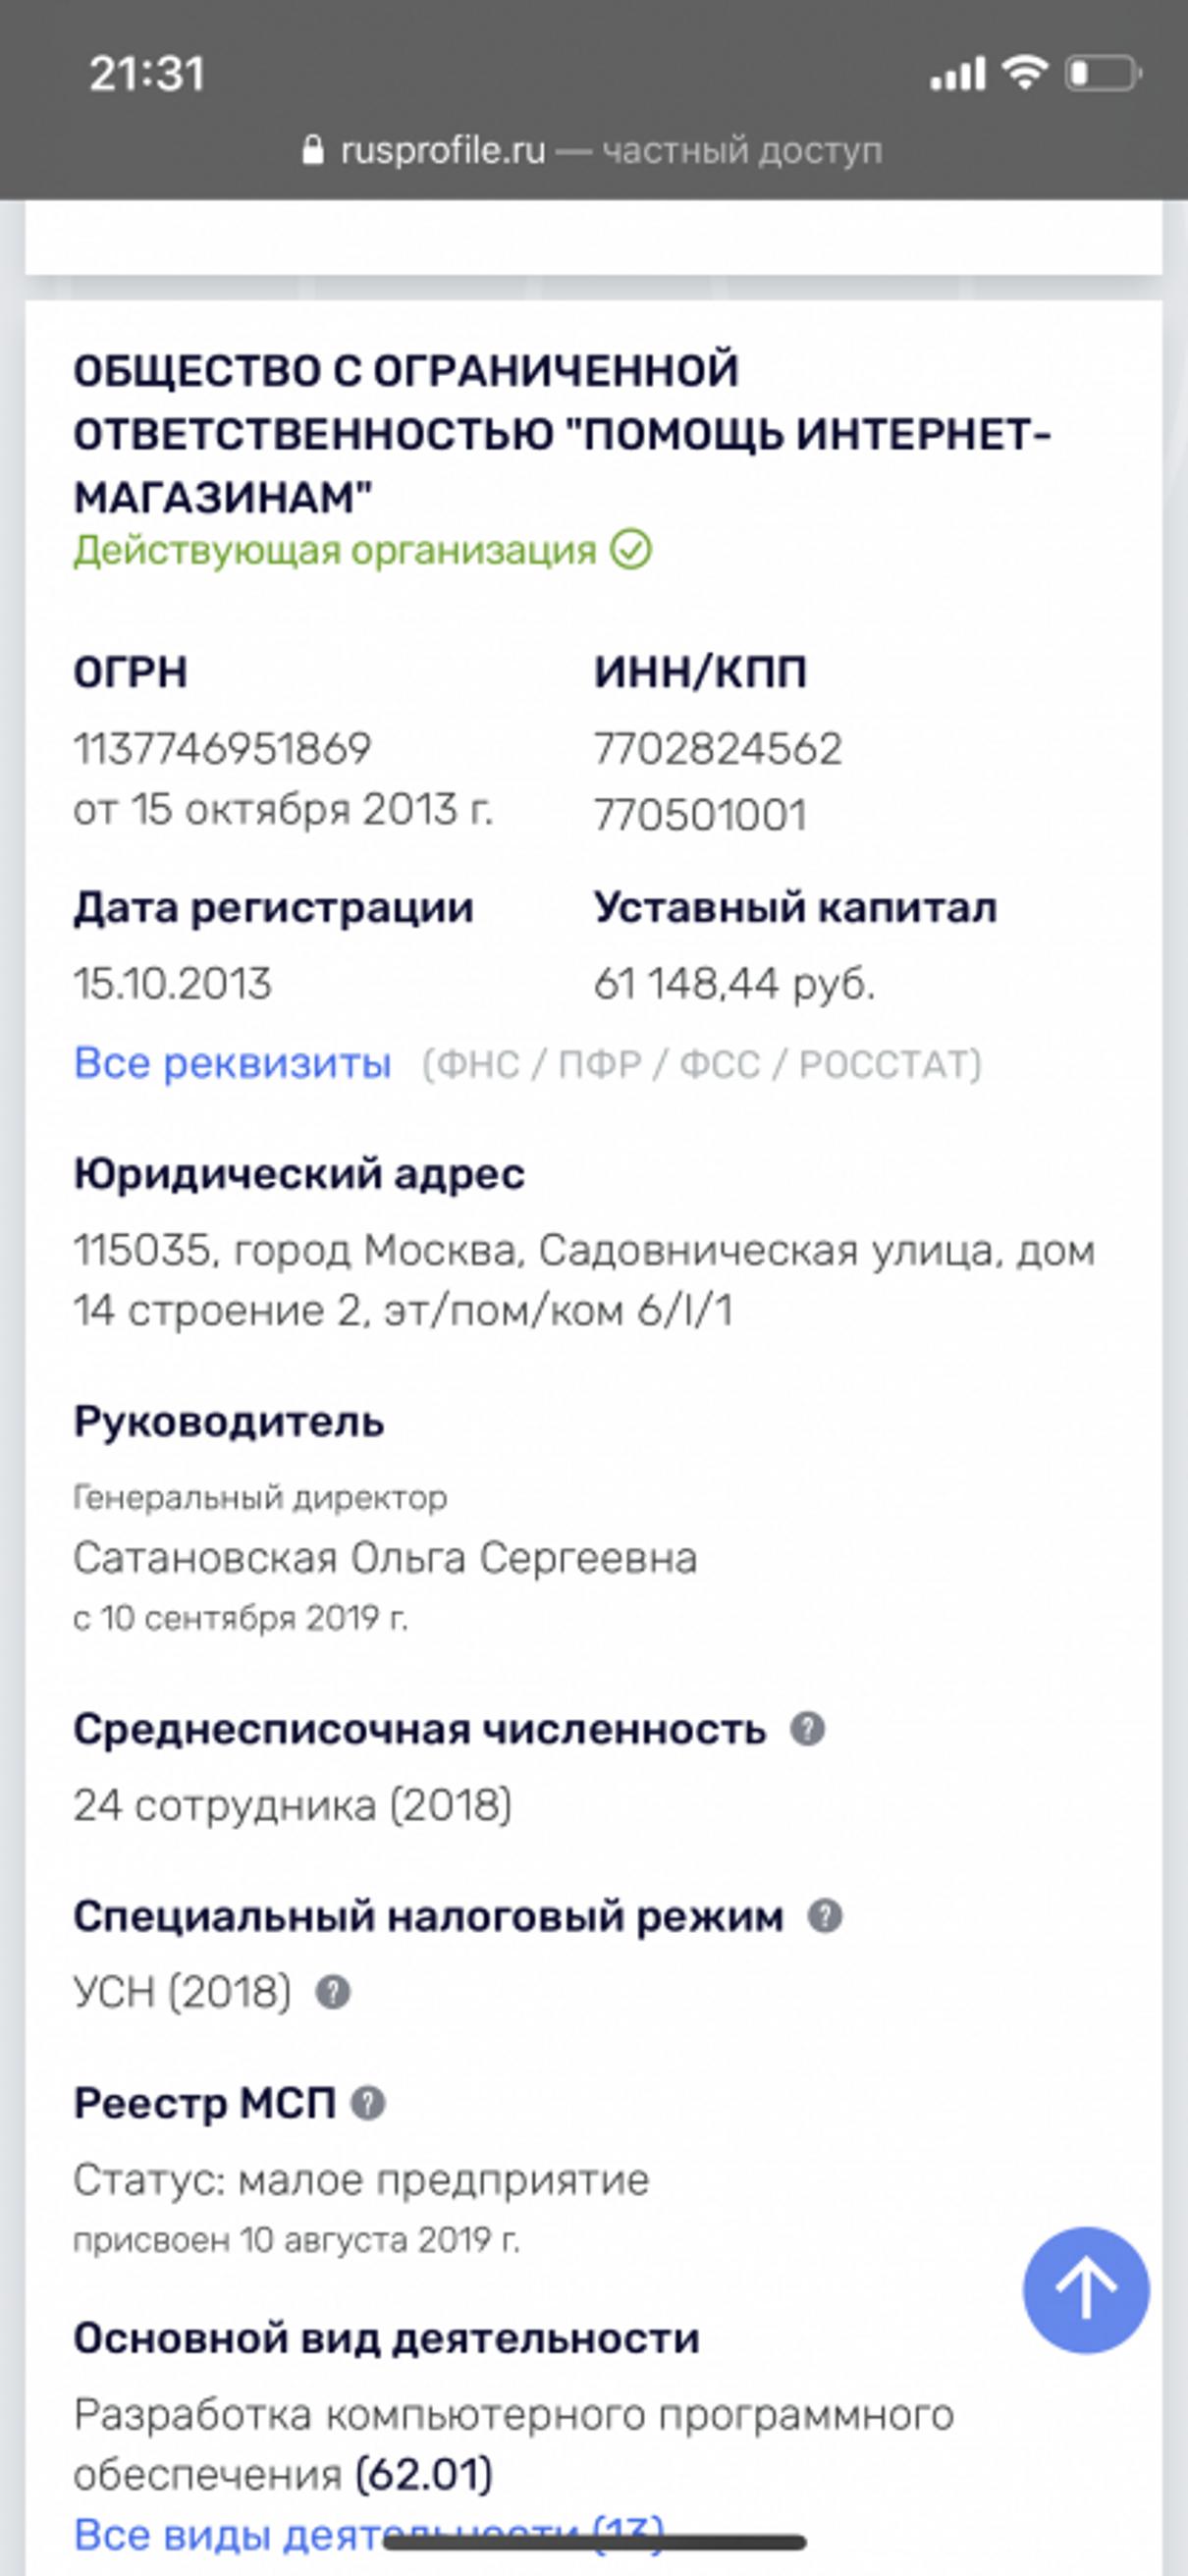 Жалоба-отзыв: ООО помощь интернет магазинам - Мошенники!.  Фото №5